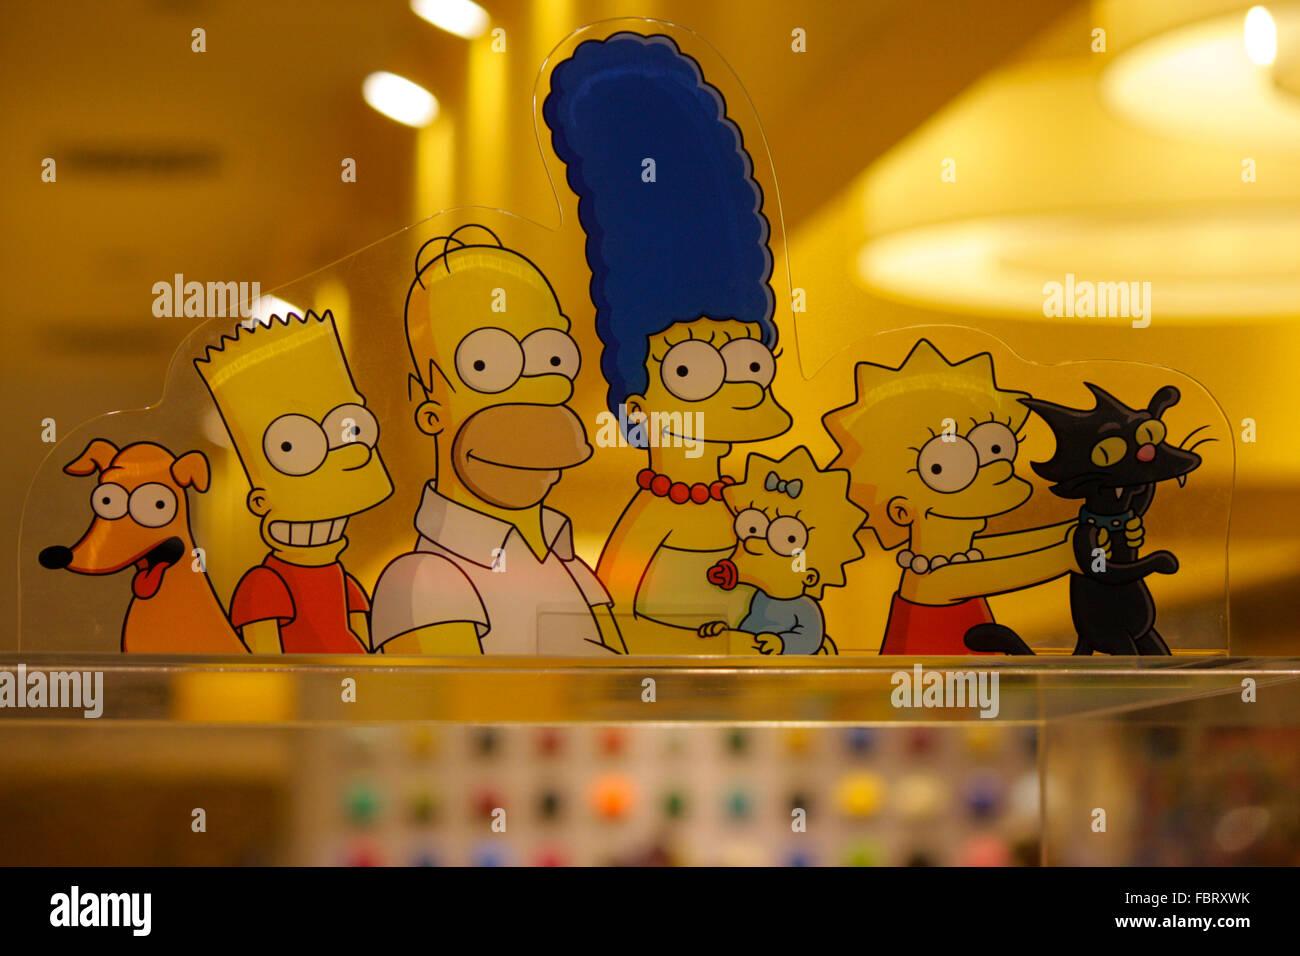 die Comicfiguren der 'Simpsons':  Berlin. - Stock Image